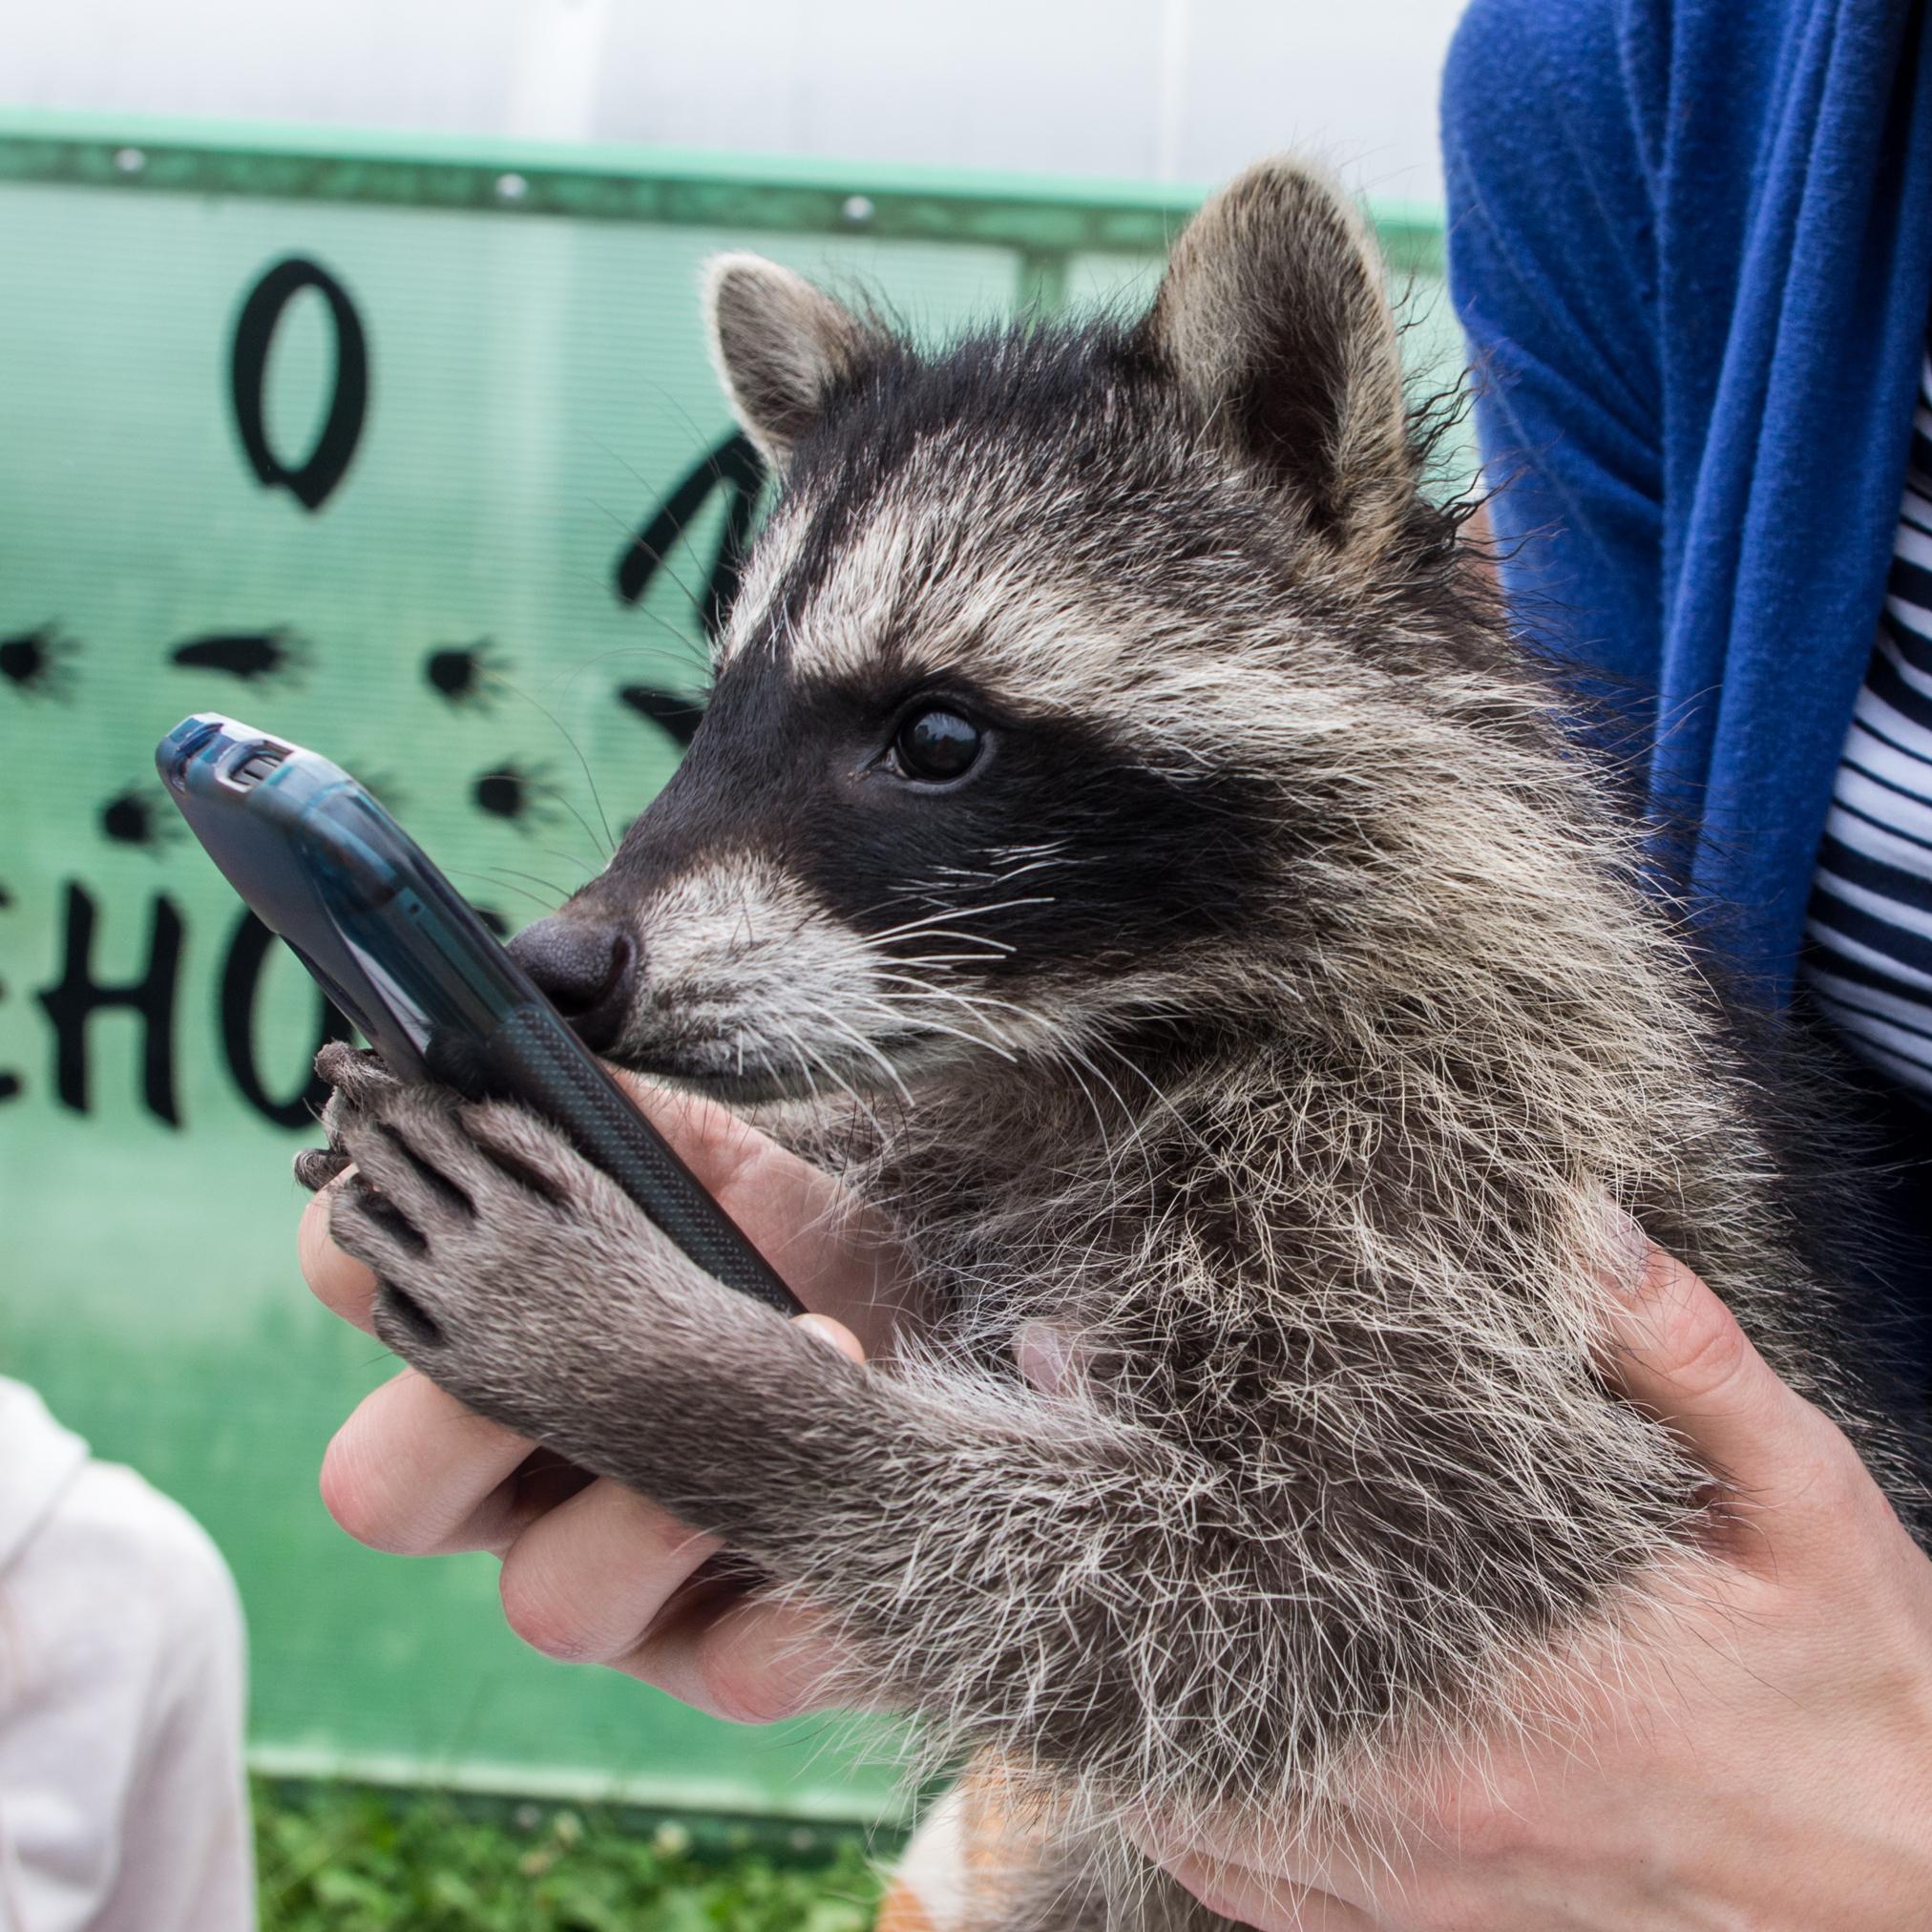 Baby raccoon selfie